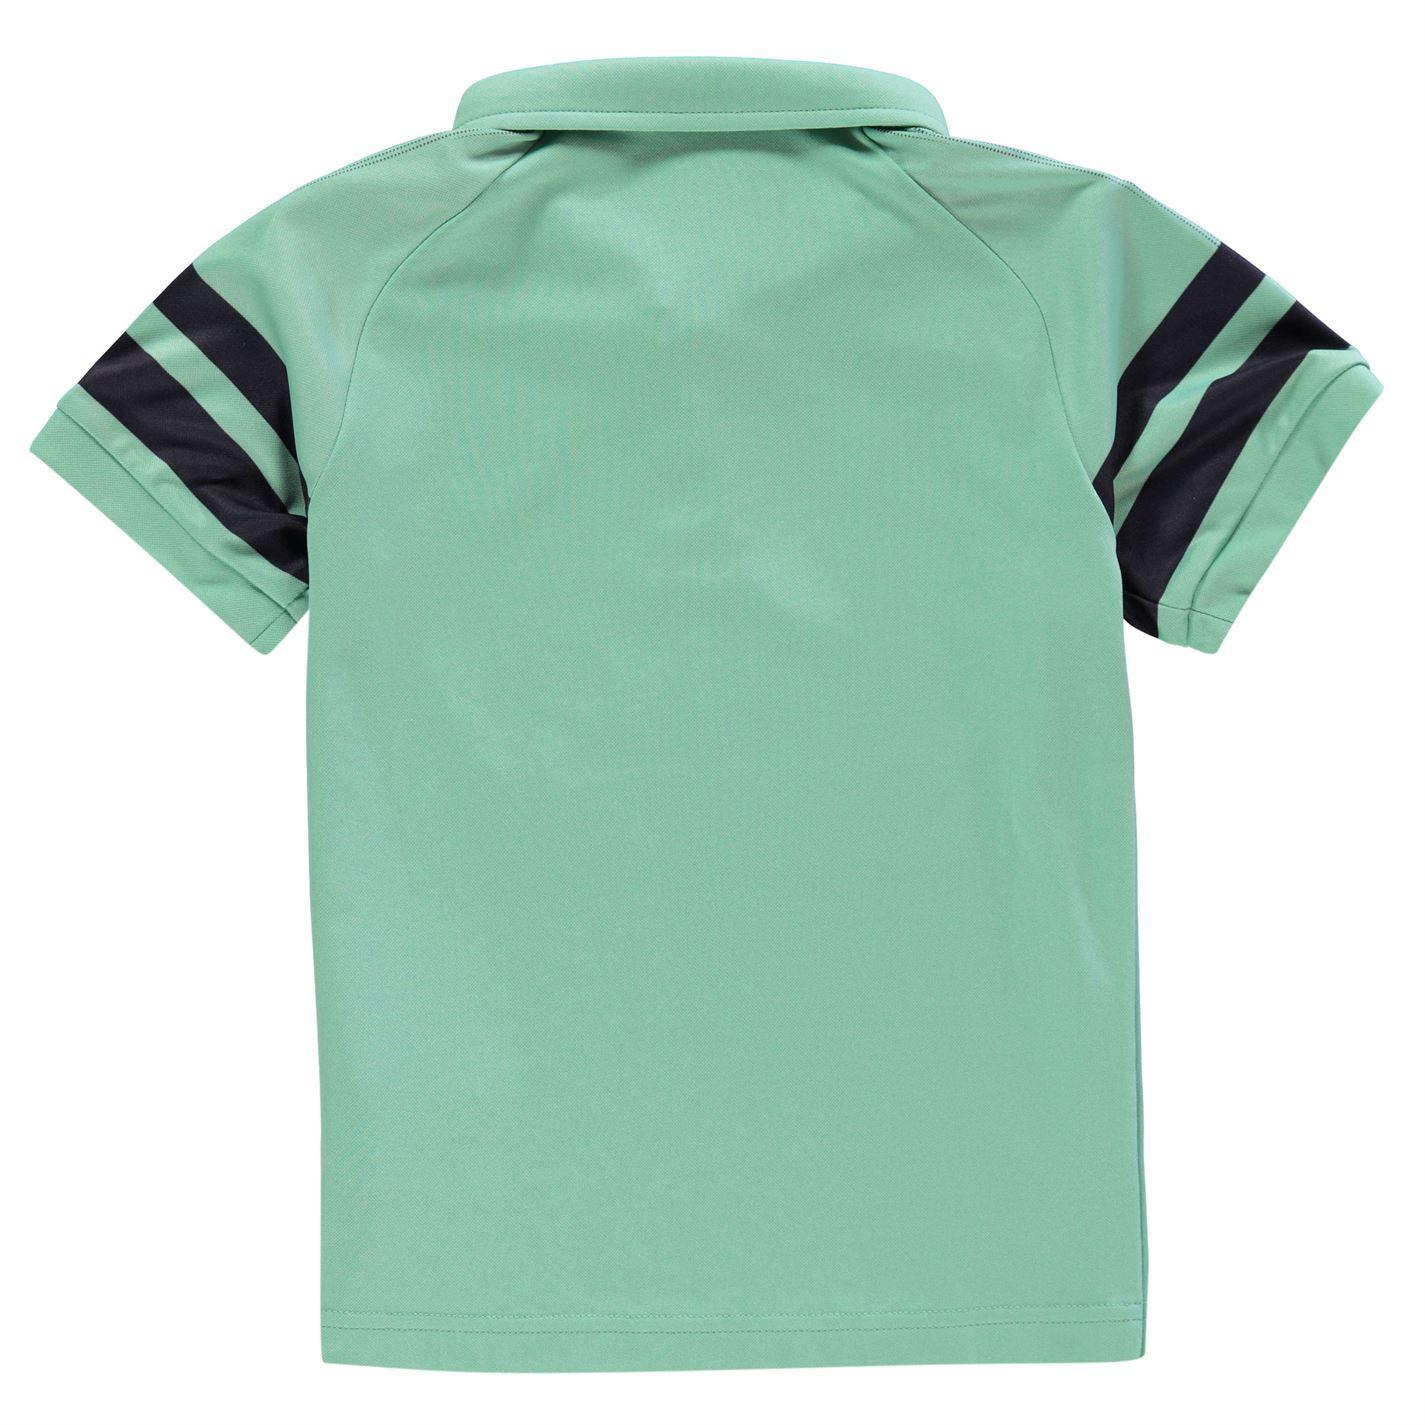 ... Puma Arsenal Third Jersey 2018 2019 Juniors Green Football Soccer Fan  Shirt Top 5e19dee6d